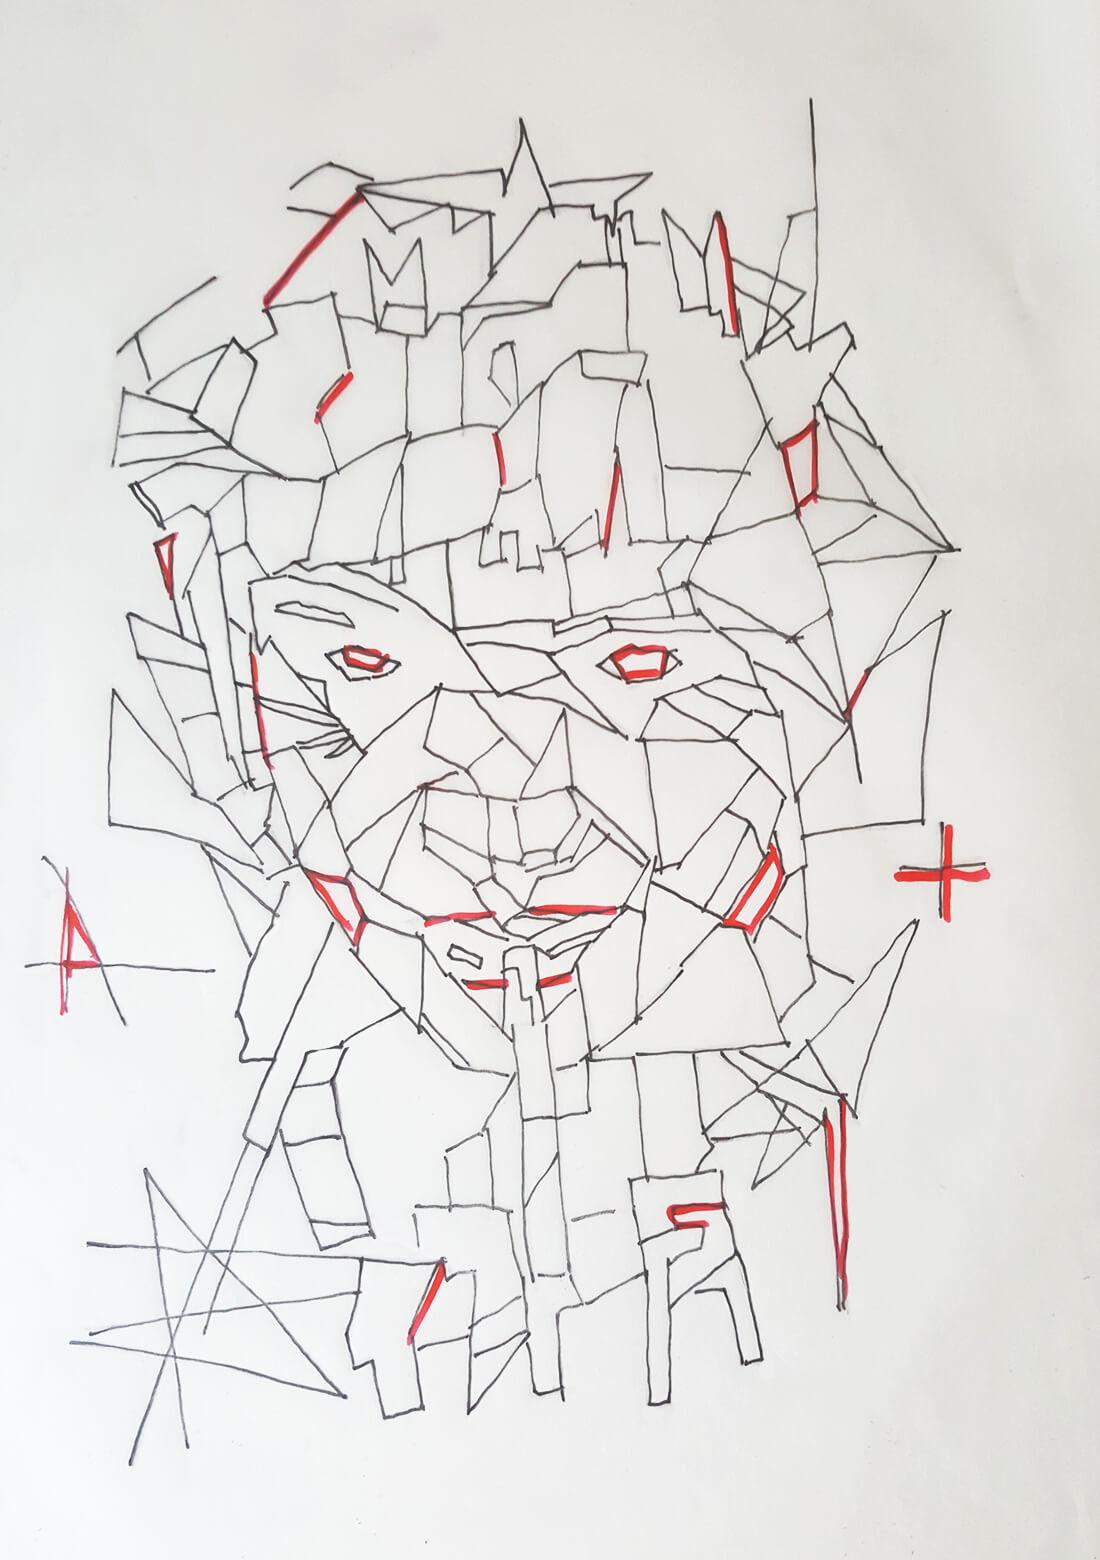 Portrait face linework